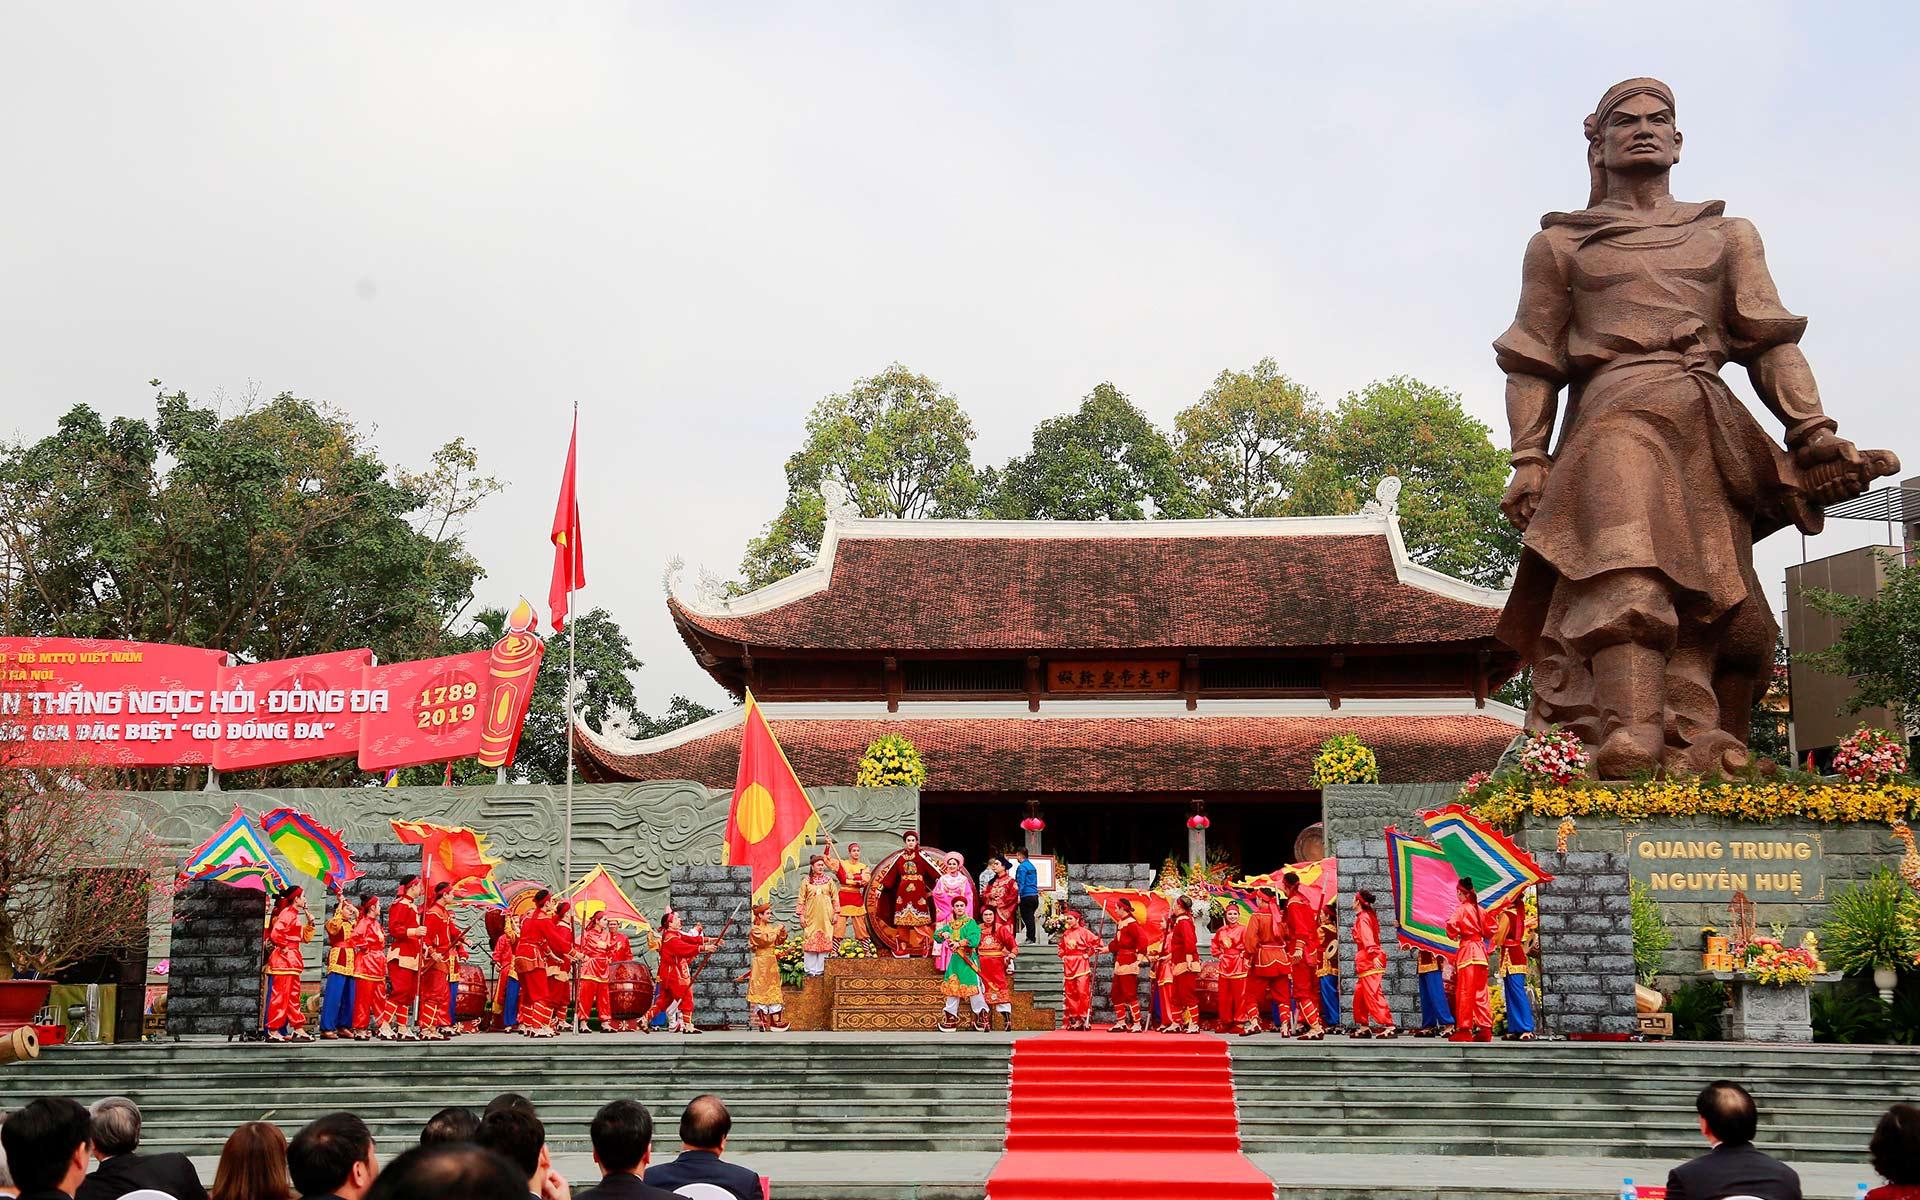 Dong Da Mound Festival